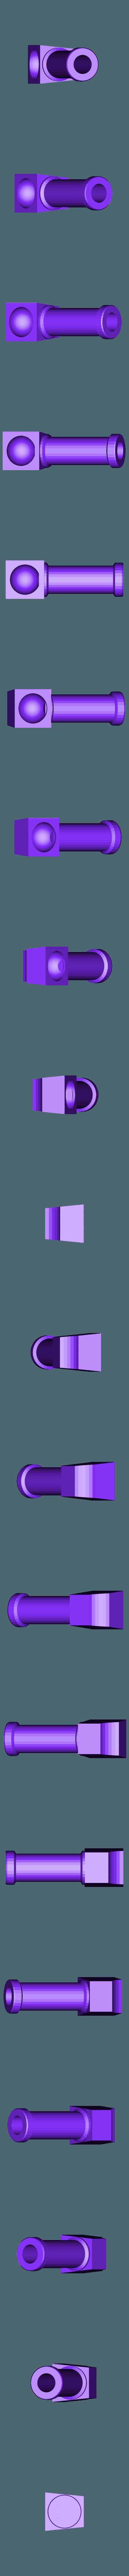 PistonBarrelShort.stl Télécharger fichier STL gratuit Pistons ajustables pour les types de soldats interstellaires chez les chiens de guerre géants • Objet imprimable en 3D, FelixTheCrazy